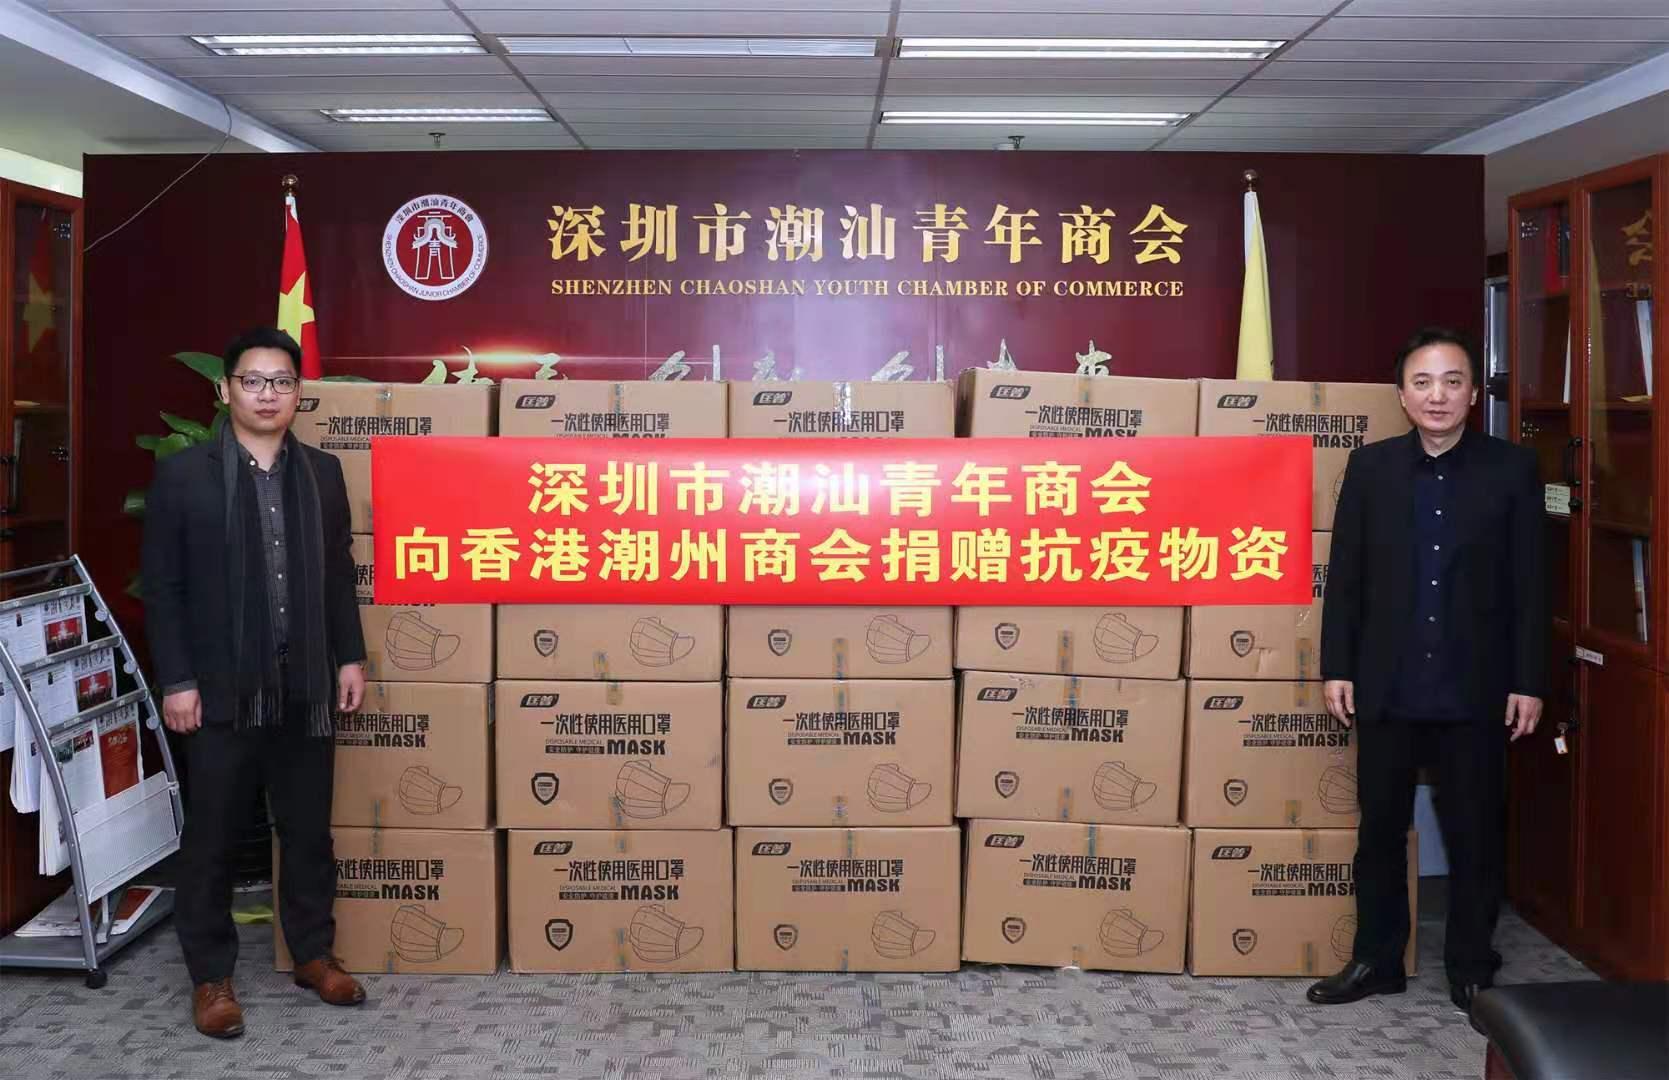 口罩捐贈儀式。本會副秘書長詹培勛(左),深圳潮汕青年商會秘書長黃堅泰(右)。